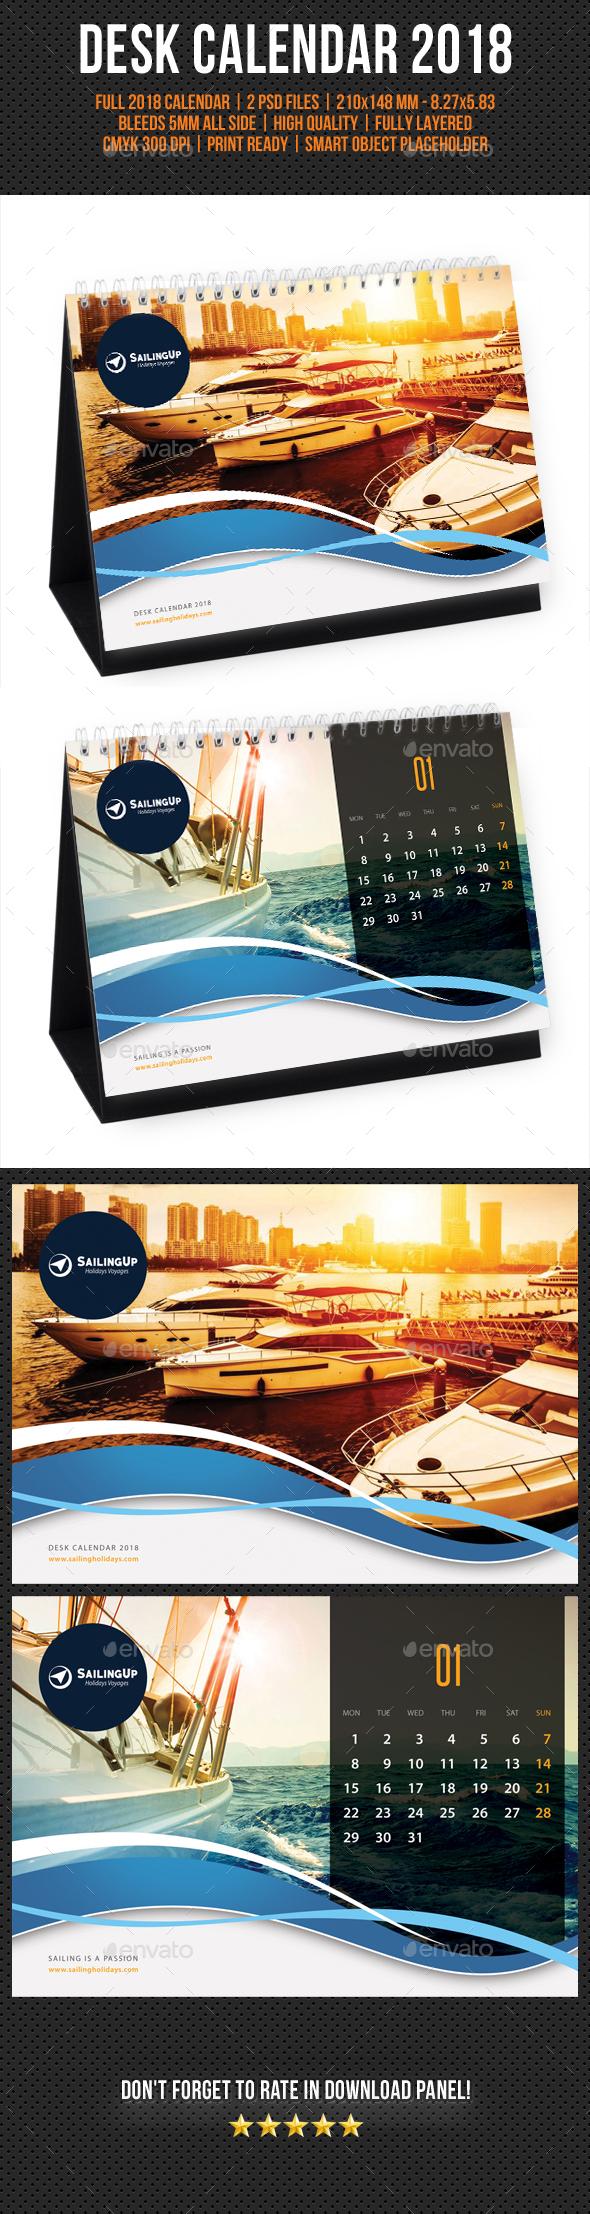 Creative Desk Calendar 2018 V08 - Calendars Stationery